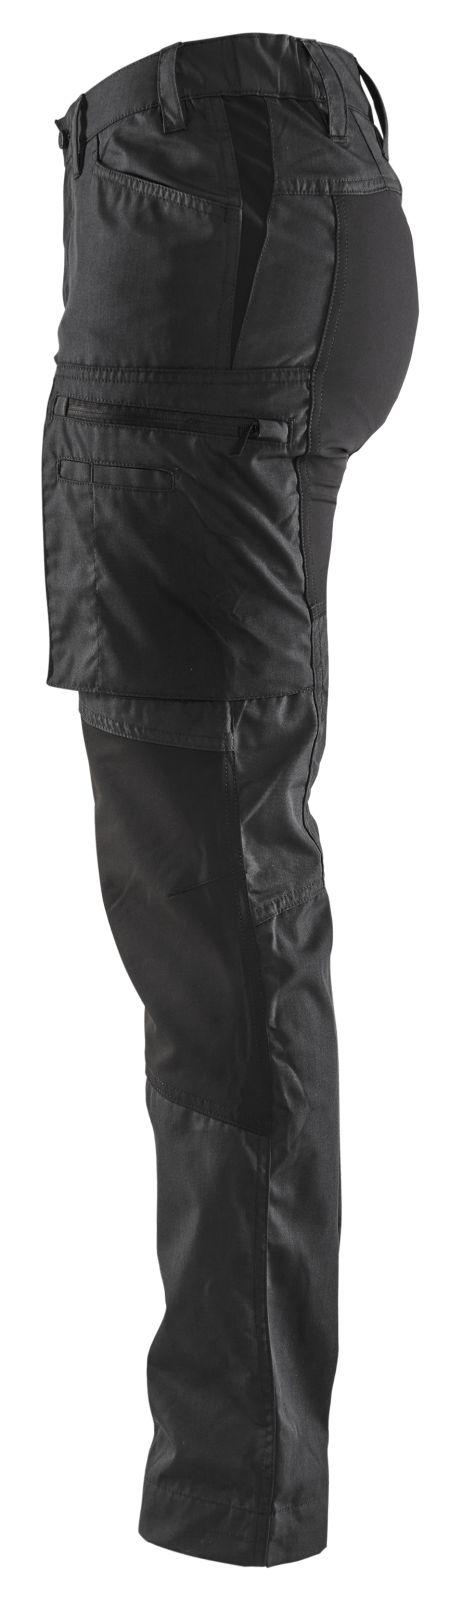 Blaklader Dames werkbroeken 71591845 zwart(9900)